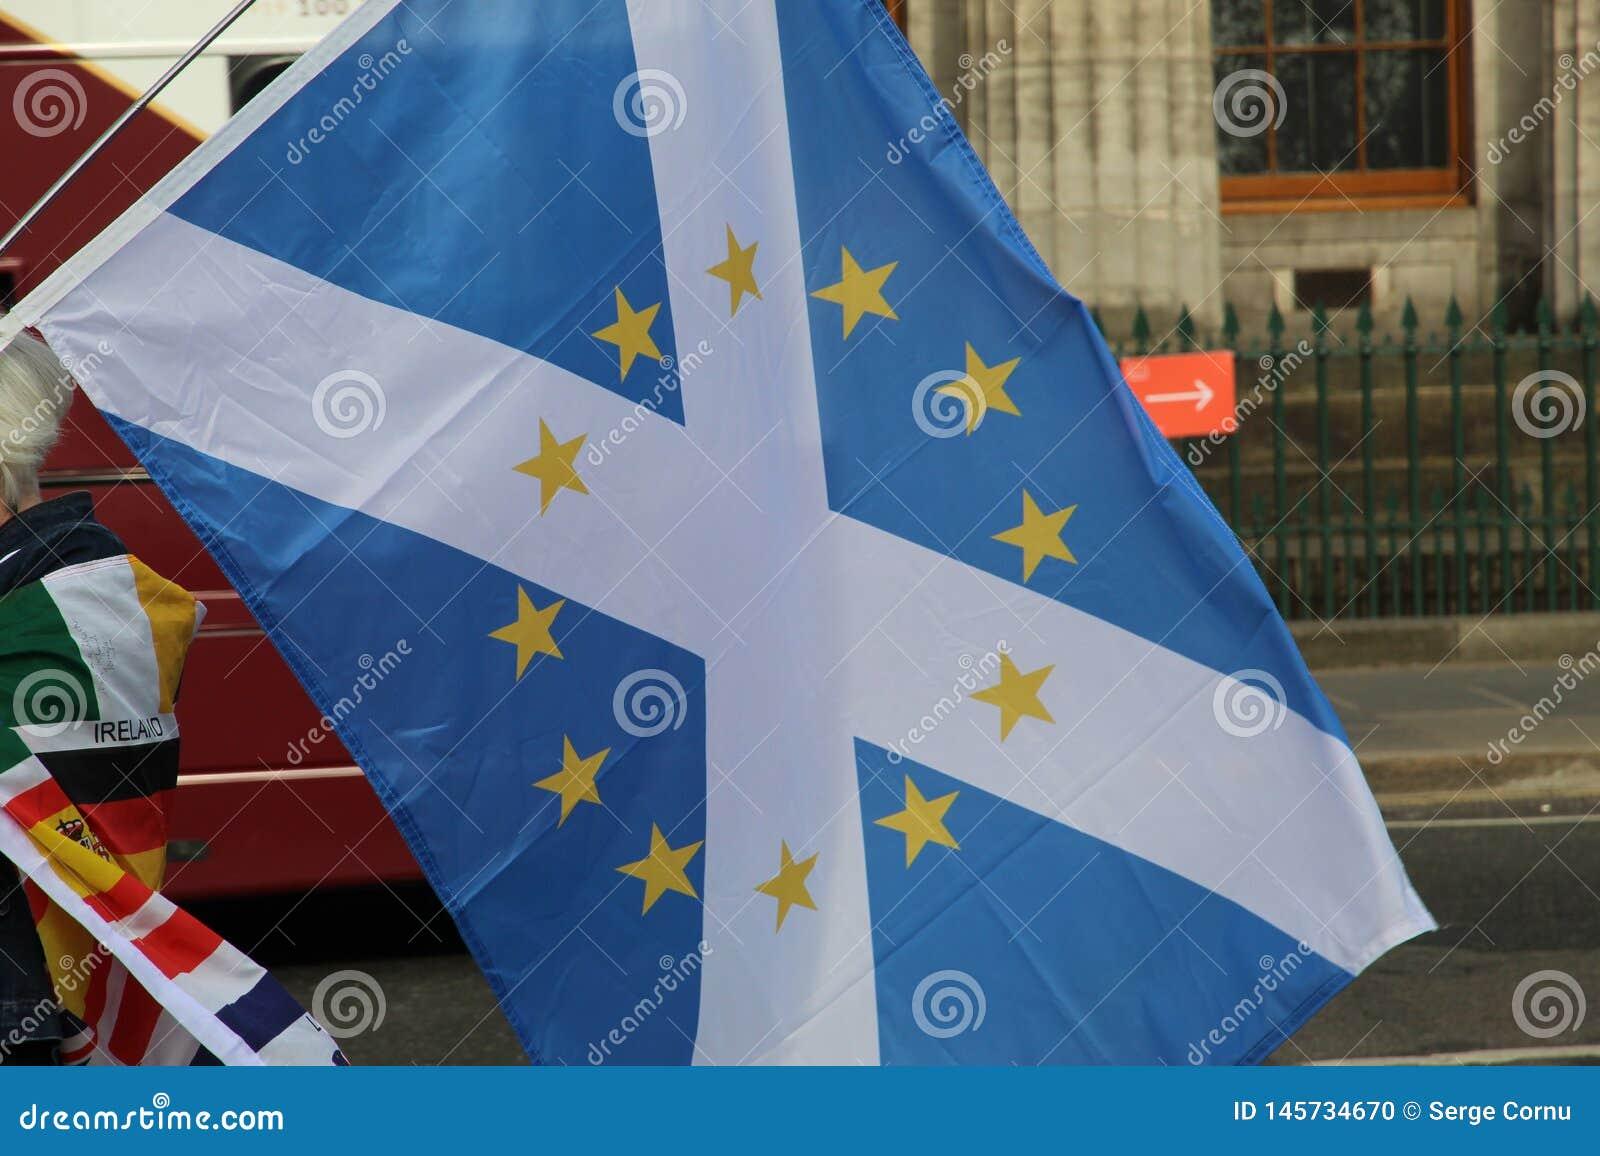 Frau, die eine schottische Flagge mit EU-Flaggen-Sternen in Edinburgh hält